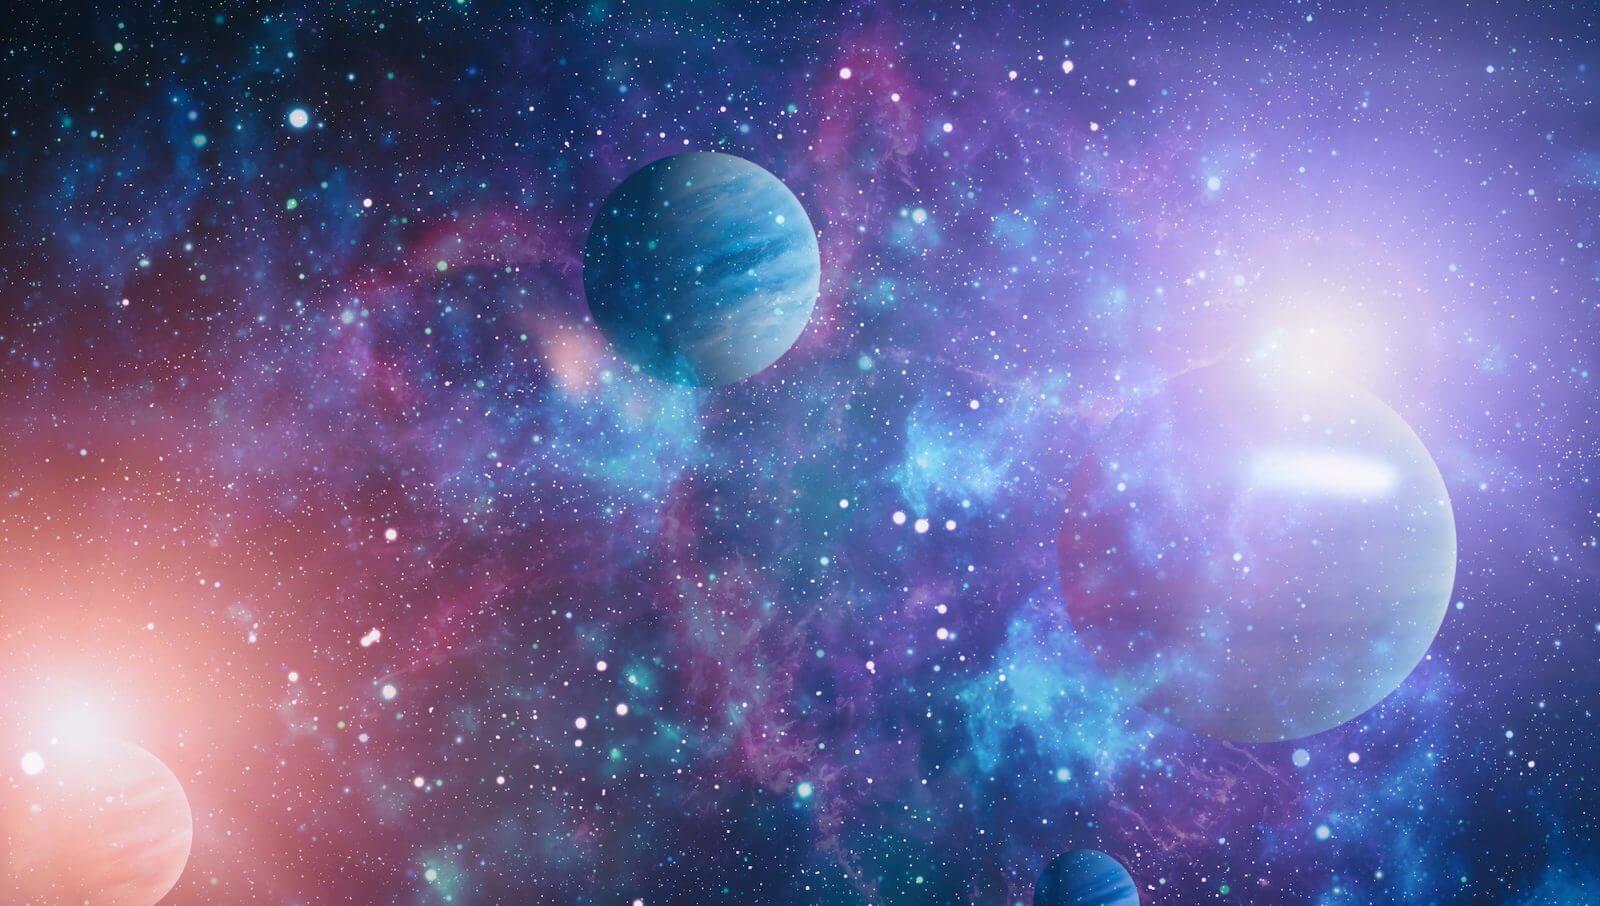 planetas interiores y exteriores